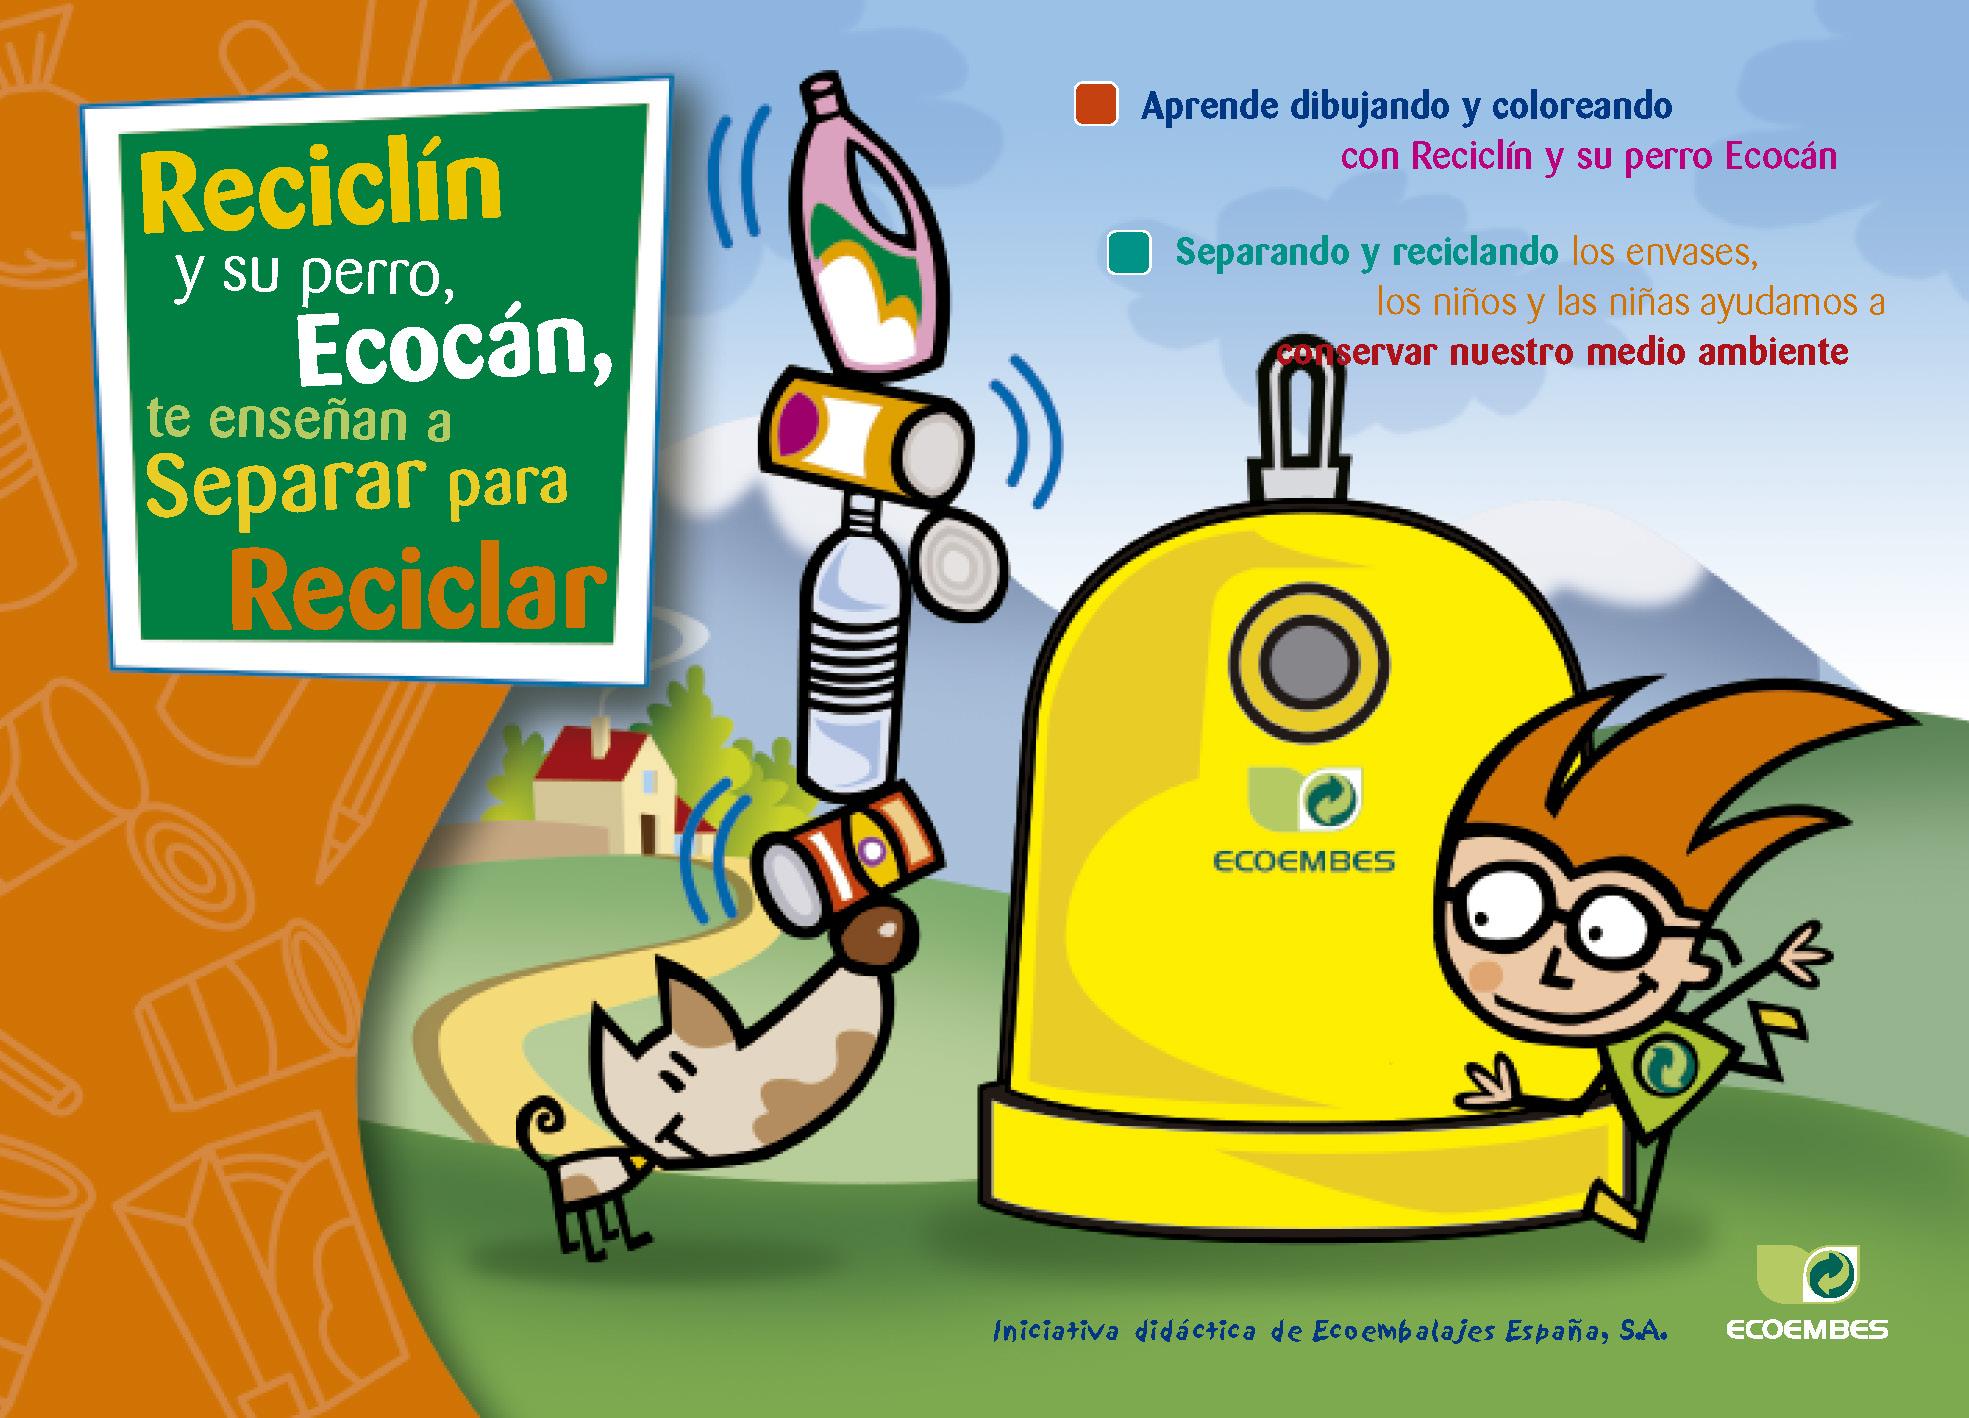 Reciclín y su perro Ecocan